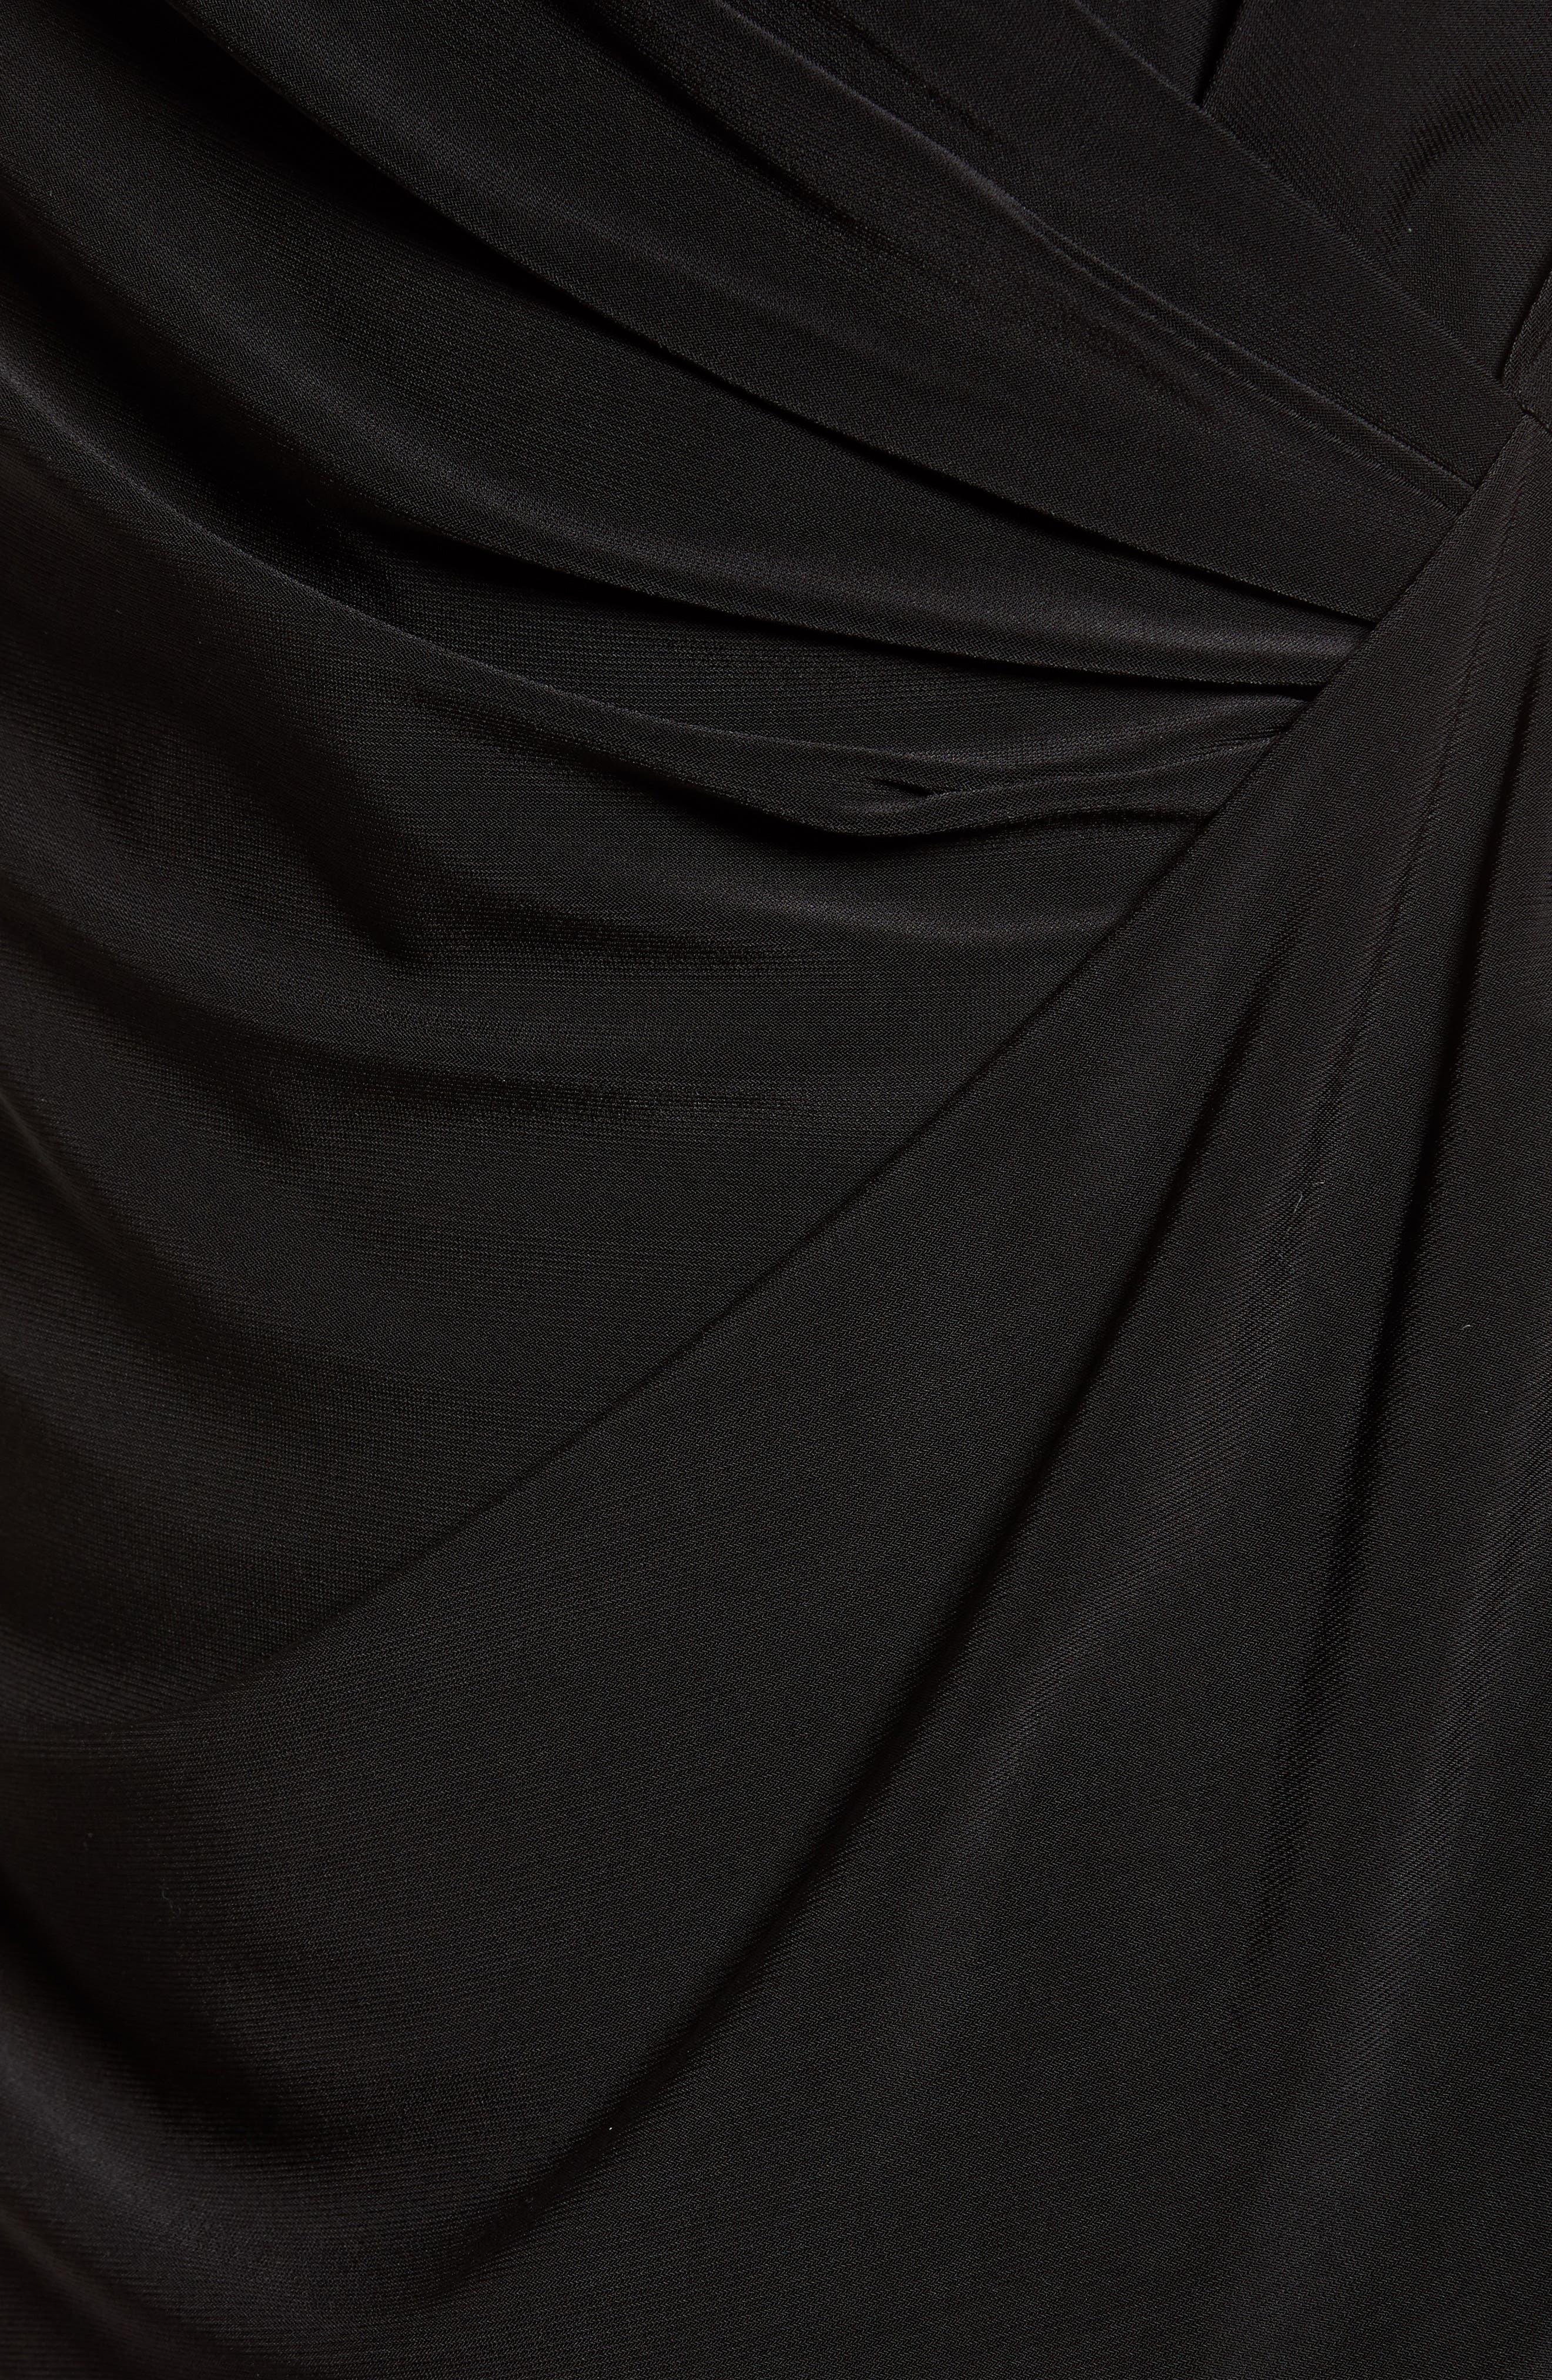 Faux Wrap Matte Jersey Tank,                             Alternate thumbnail 6, color,                             Black Onyx